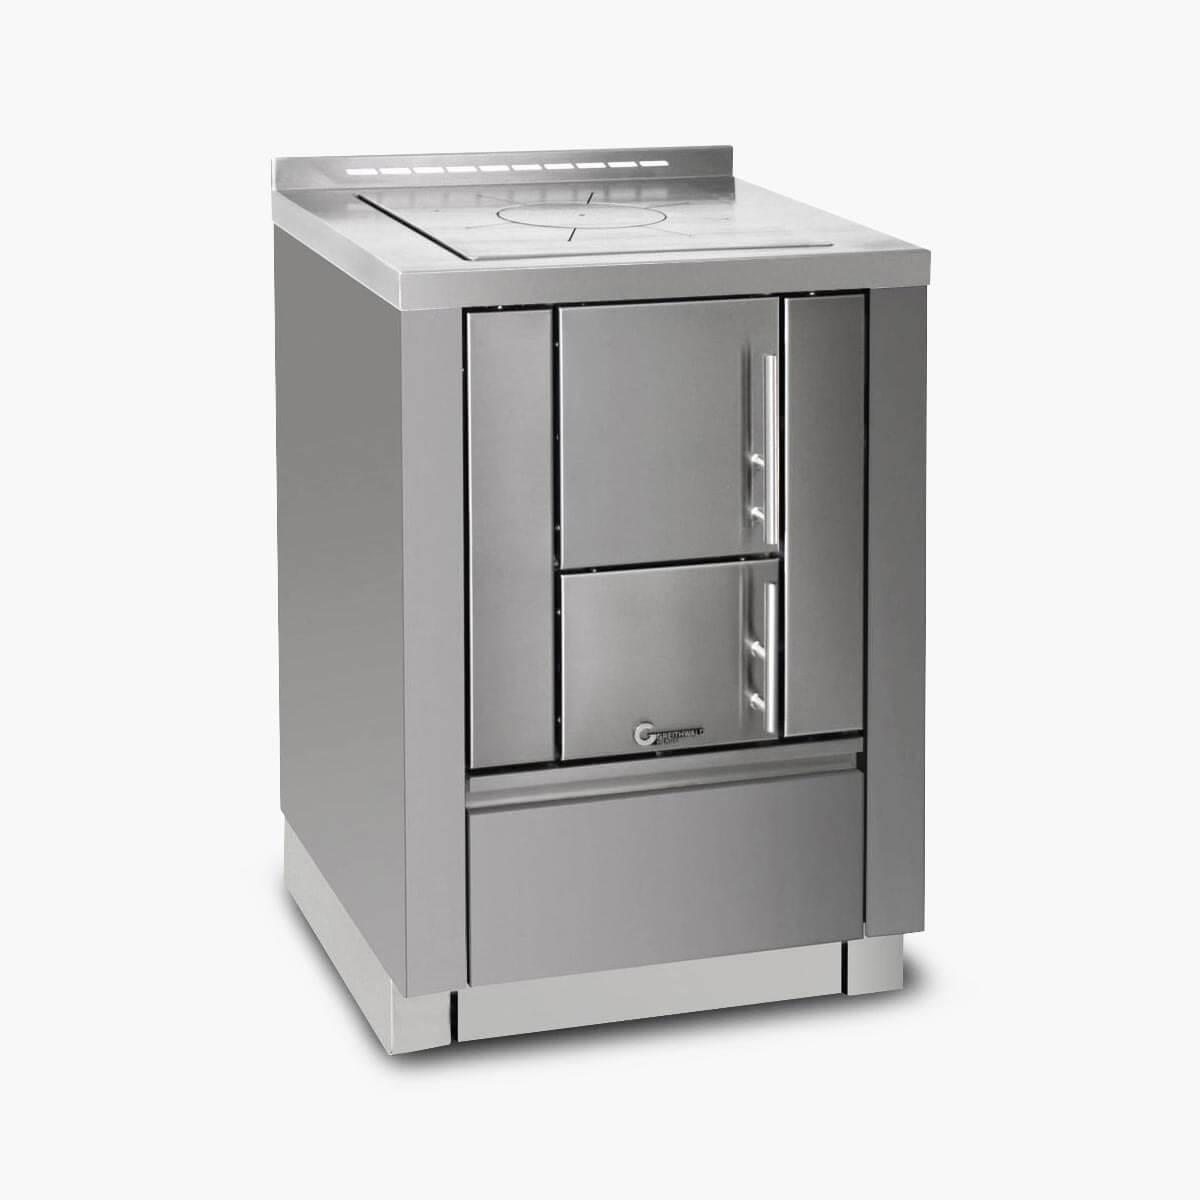 Greithwald Cucina modello ÖKO Star ÖS 60